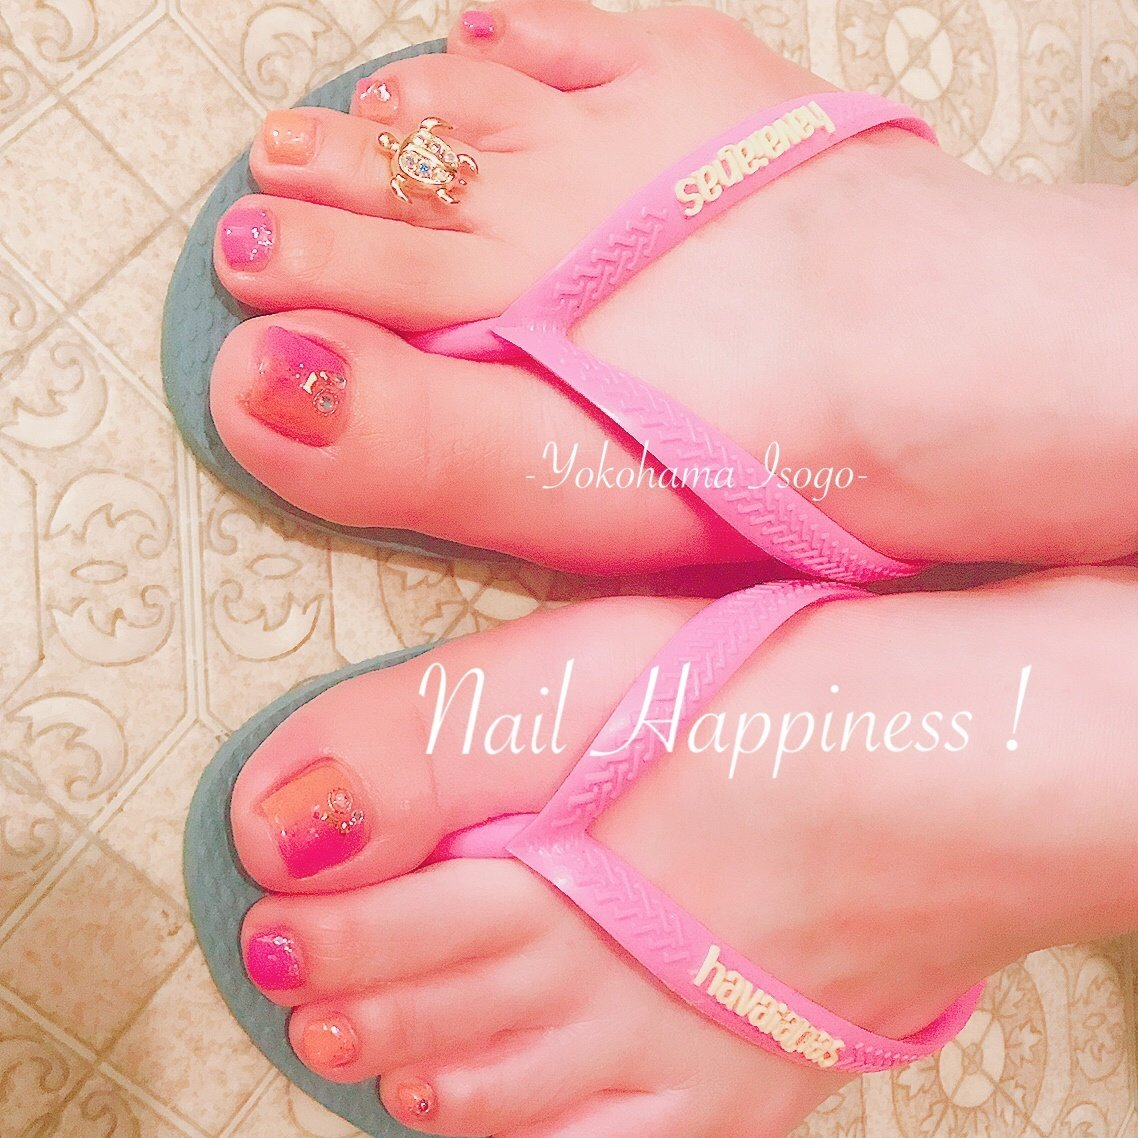 #グラデーションネイル #グラデーションフットネイル #夏フット2019 #春 #夏 #海 #浴衣 #フット #グラデーション #ラメ #ピンク #オレンジ #Nail Happiness!(ネイルハピネス)*ささきまき #ネイルブック